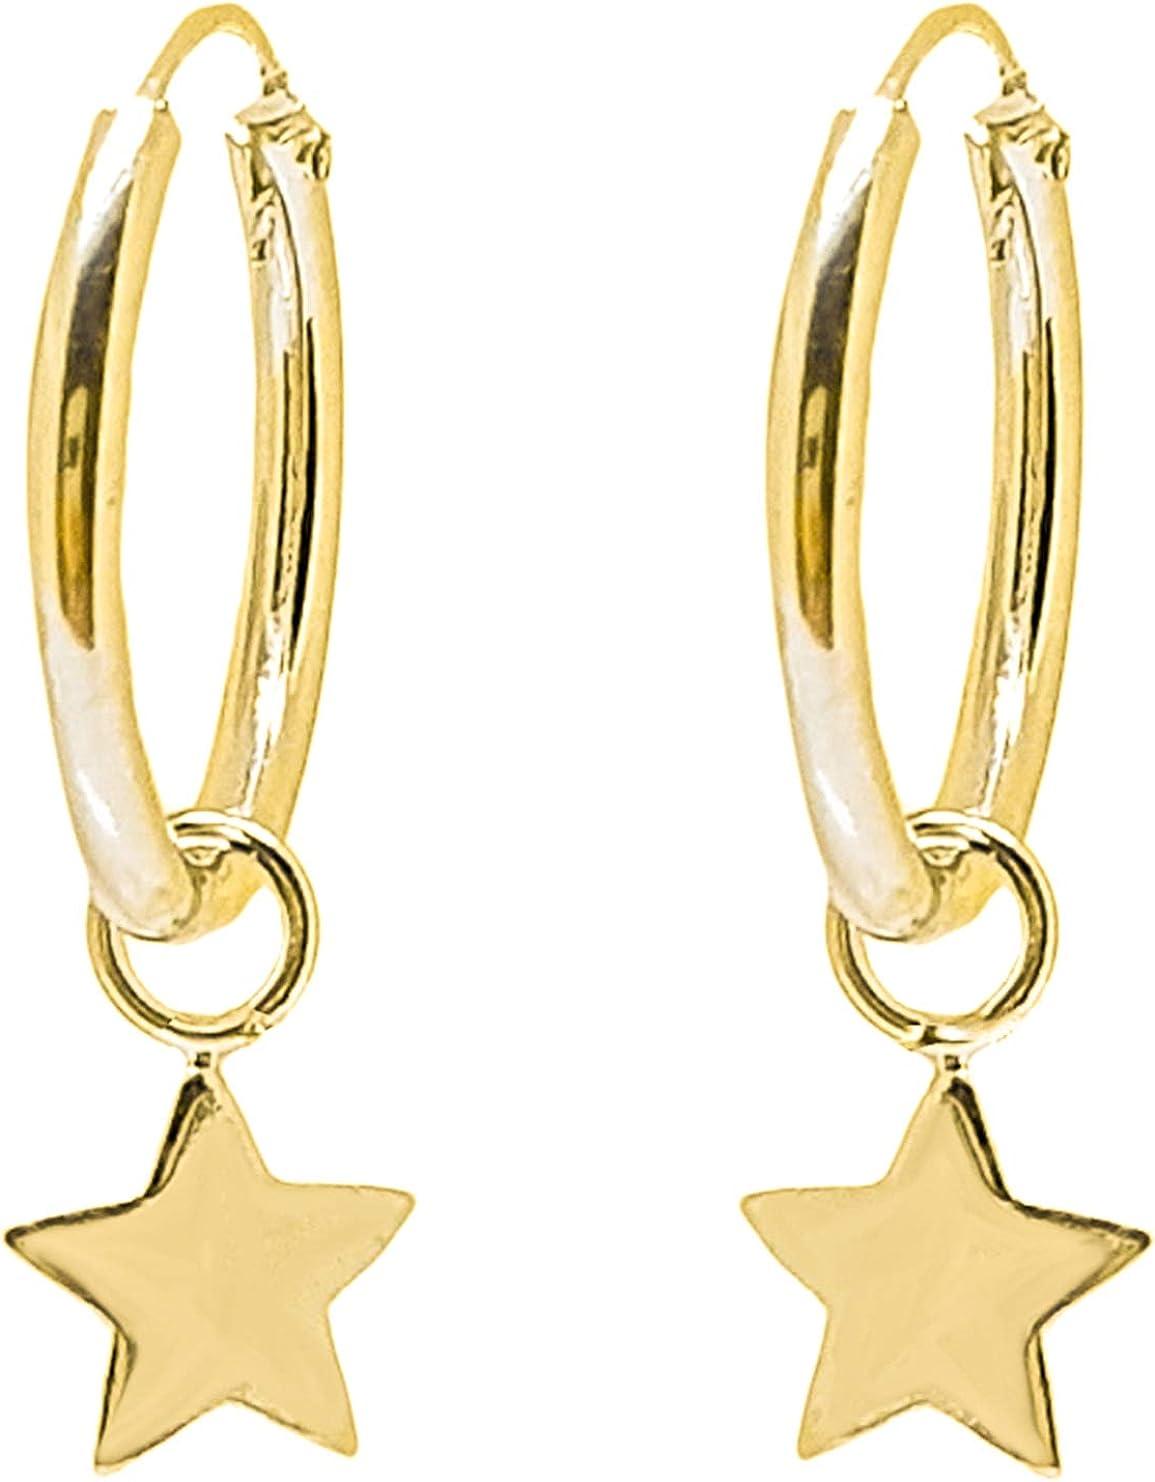 ENTREPLATA Pendientes Aro con Colgante de Plata de Ley 925 Chapado Oro 24 K. Estrella